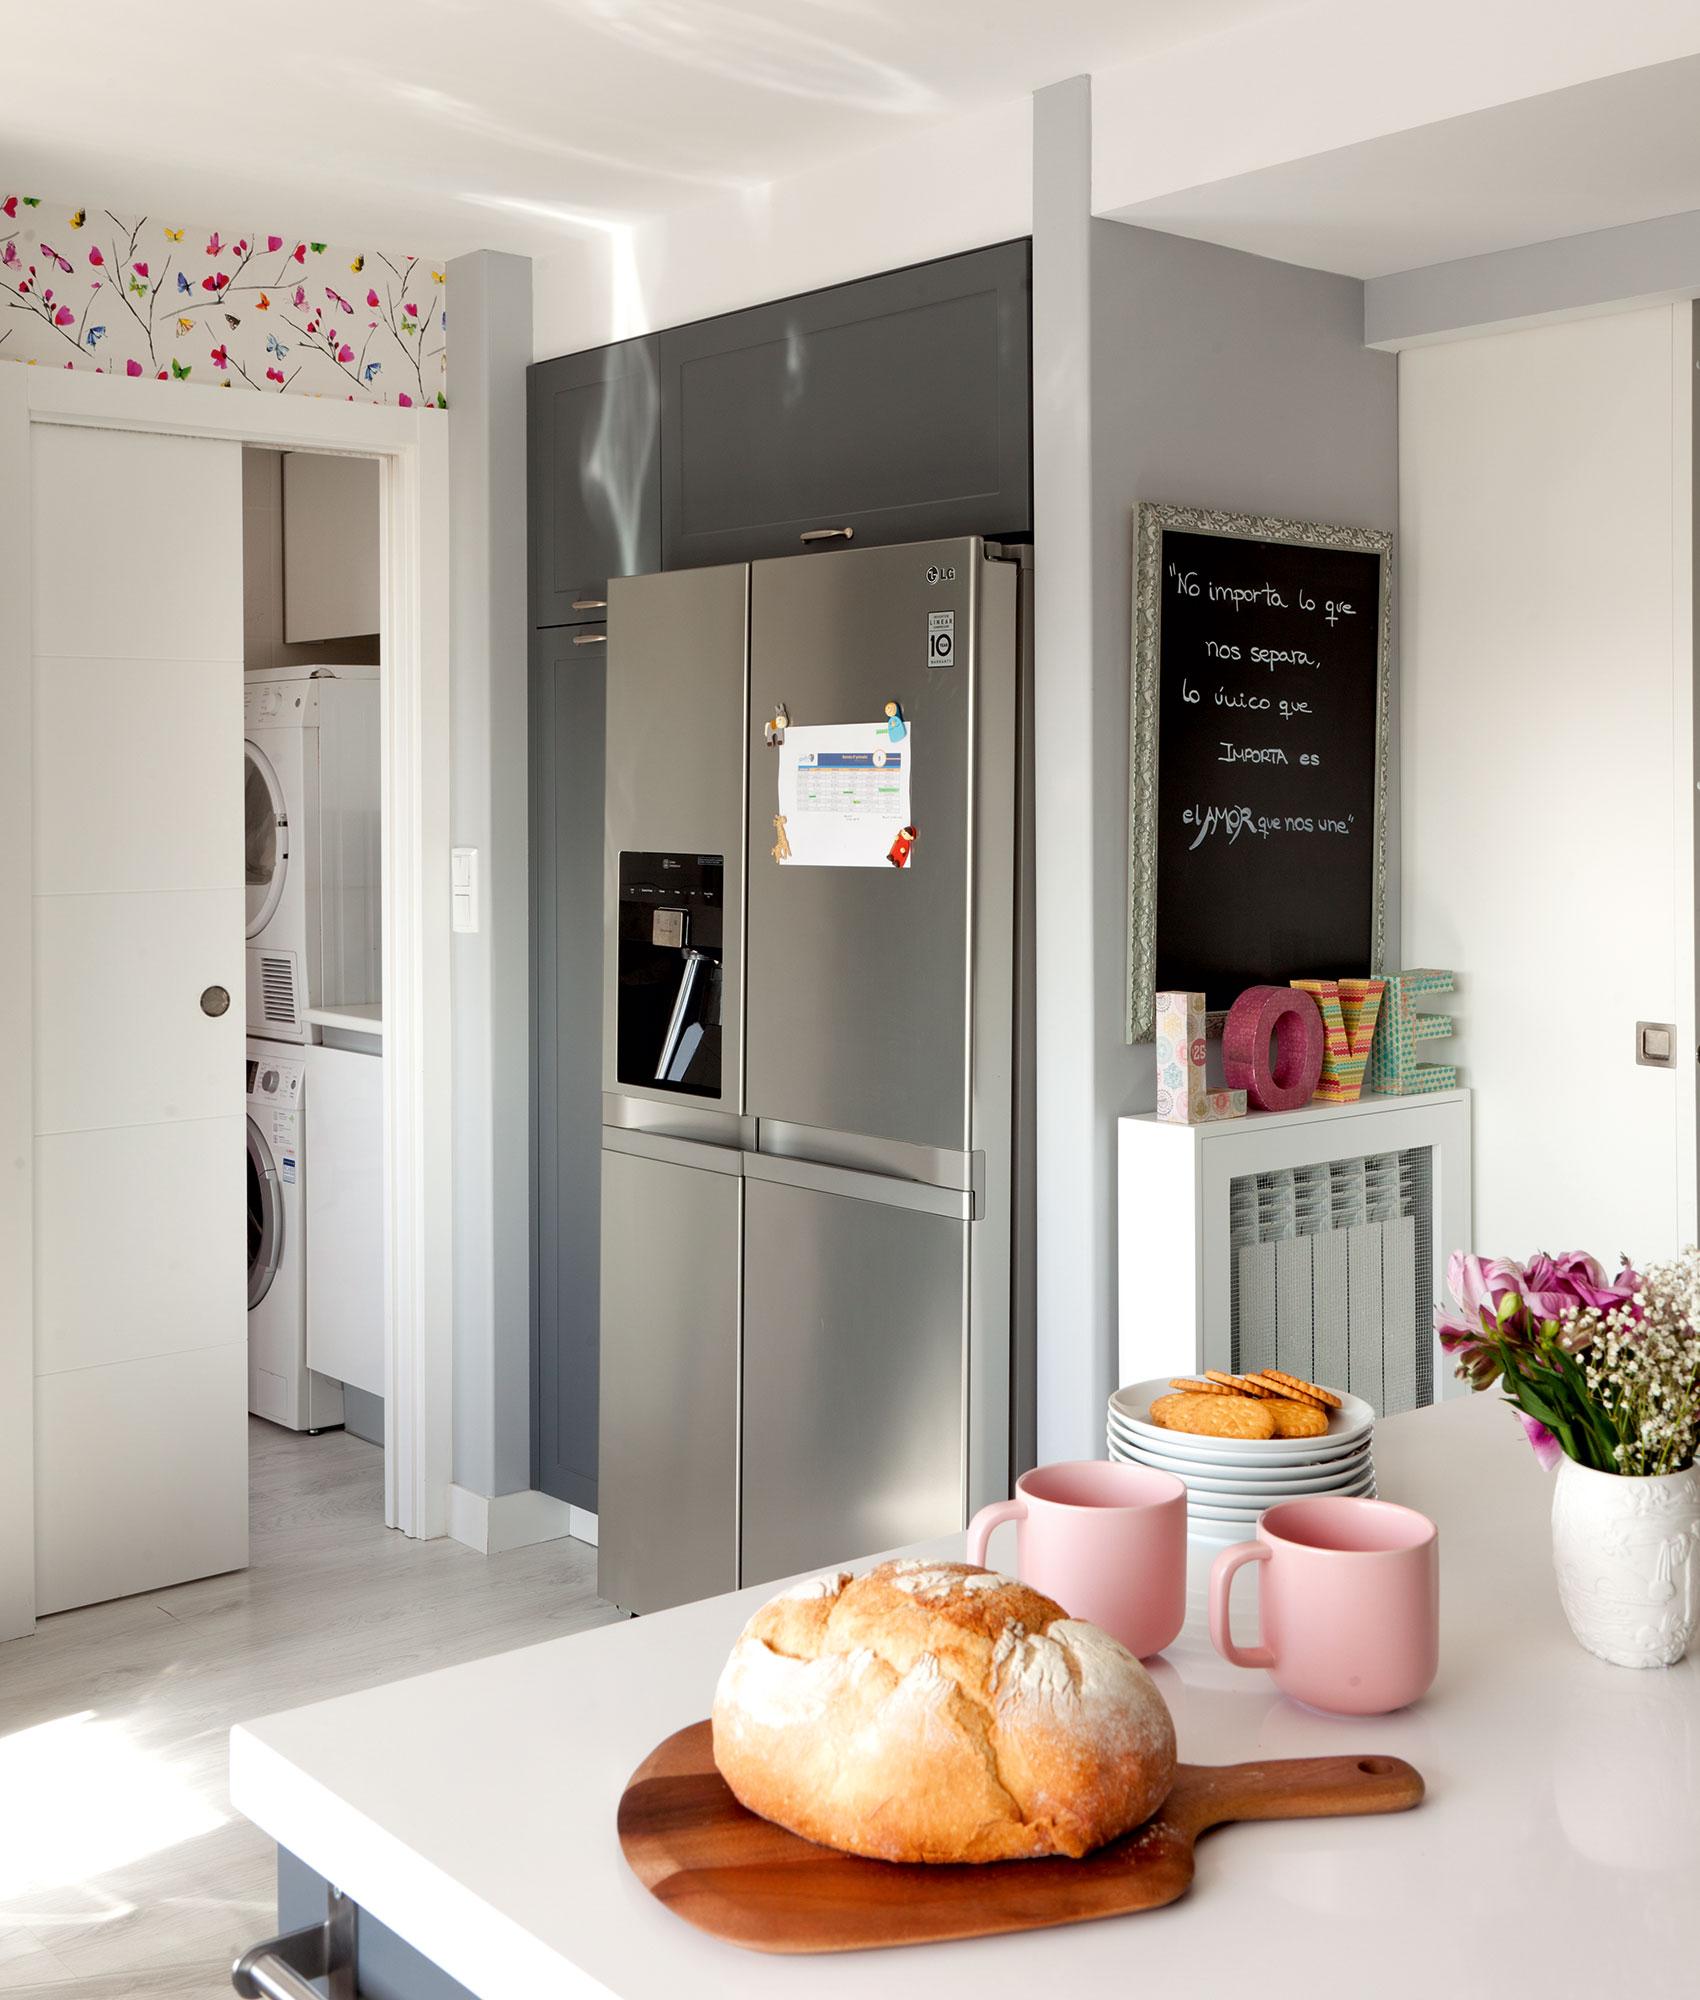 D nde poner la lavadora en casa for Lavatorio cocina